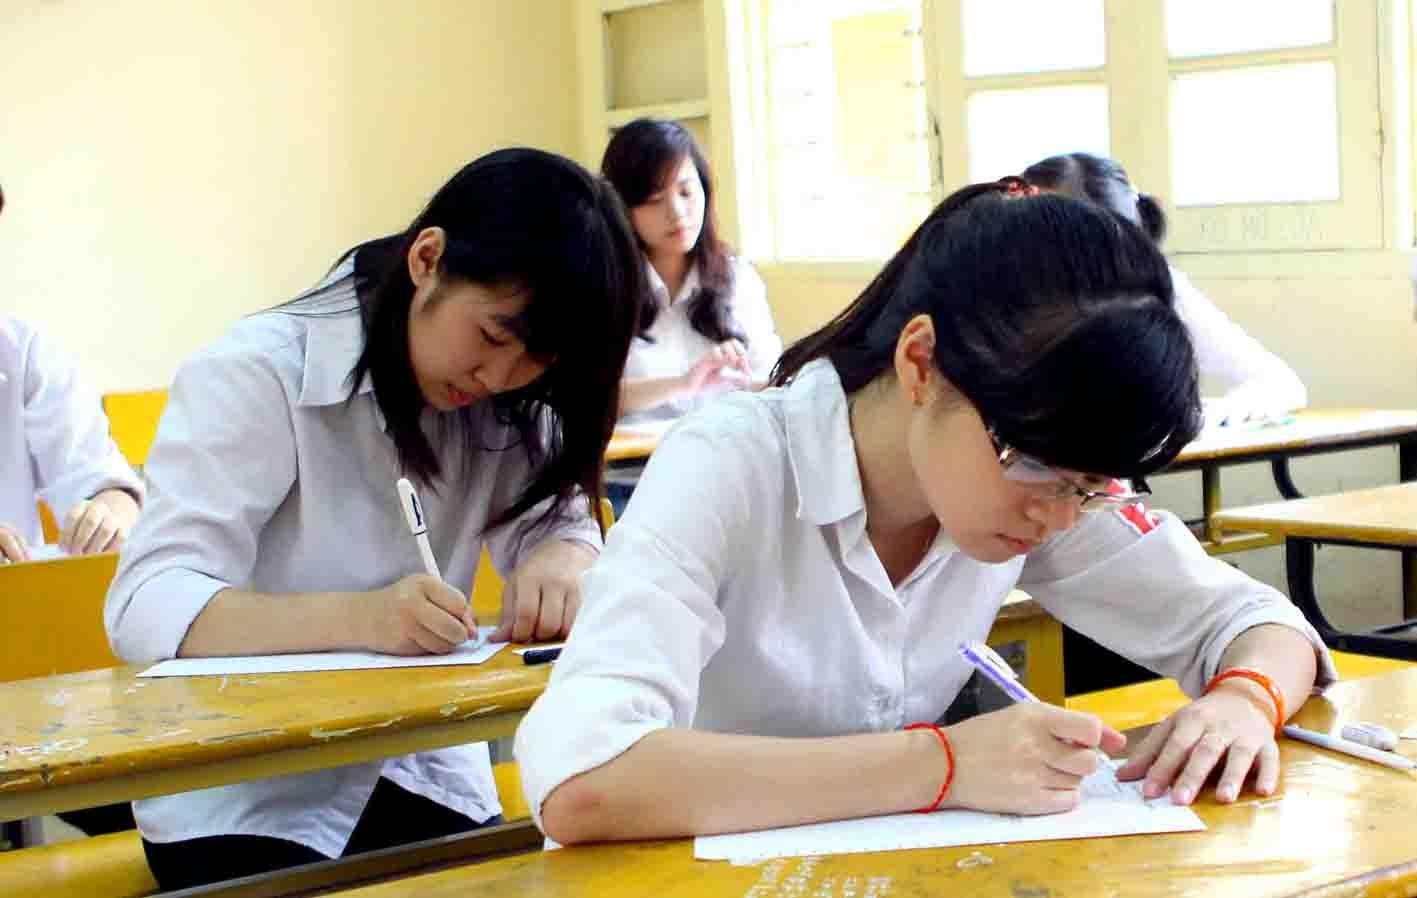 Lưu Ý quan trọng trong kỳ thi THPT Quốc Gia năm 2017 các điều nên và không nên làm trước kỳ thi THPT Quốc Gia năm 2017